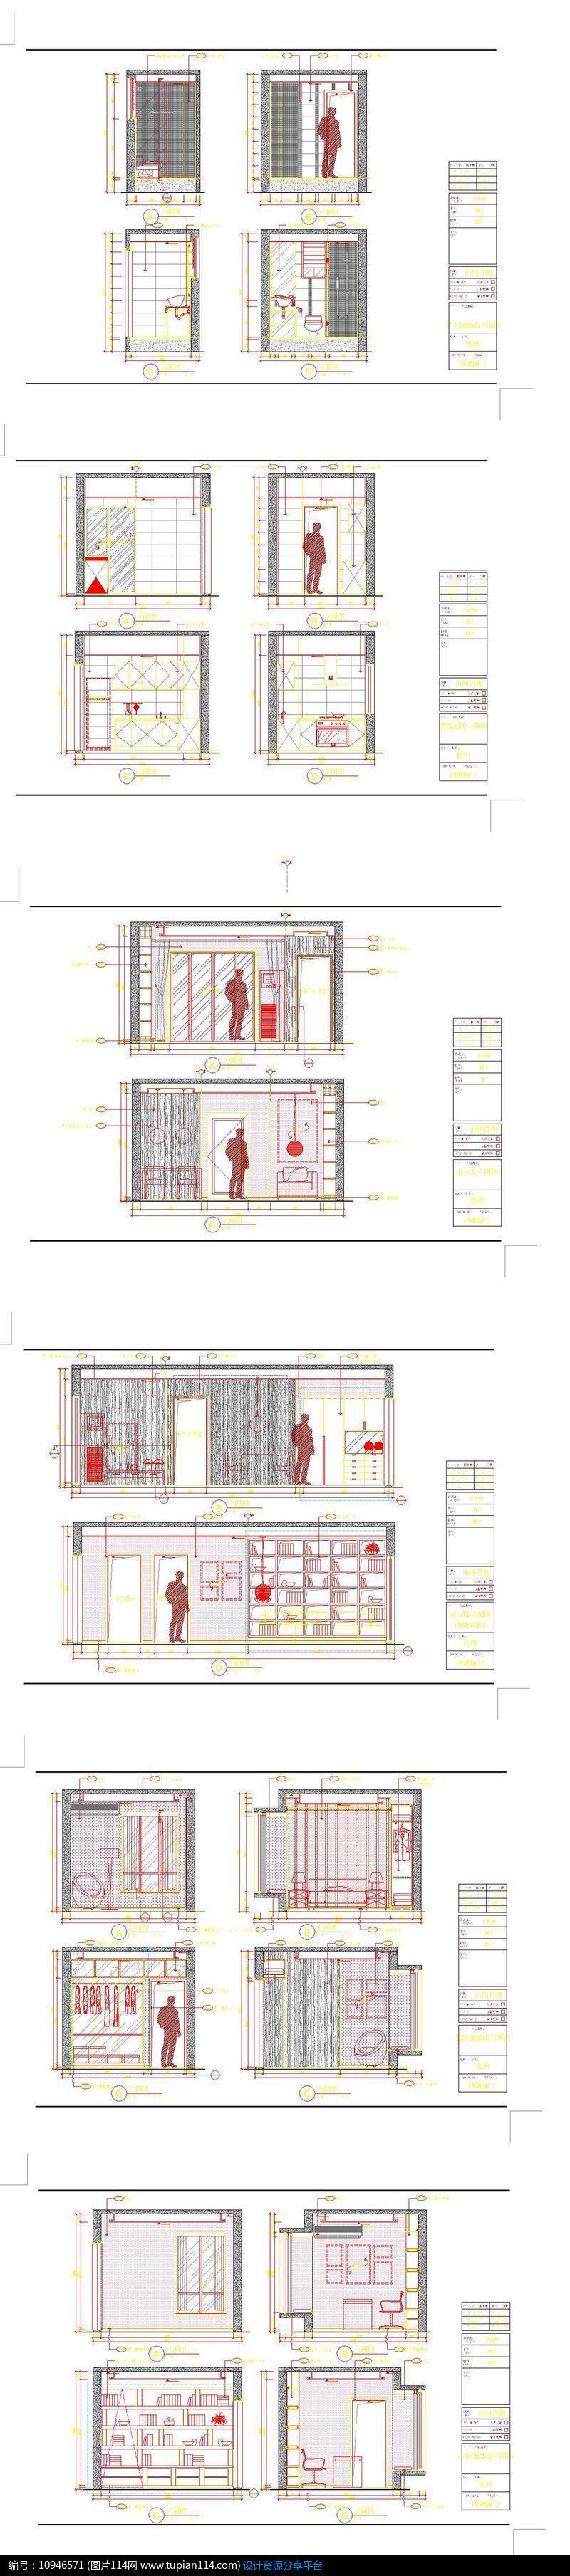 家居装饰立面图,cad室内装修图免费下载,cad住宅装潢